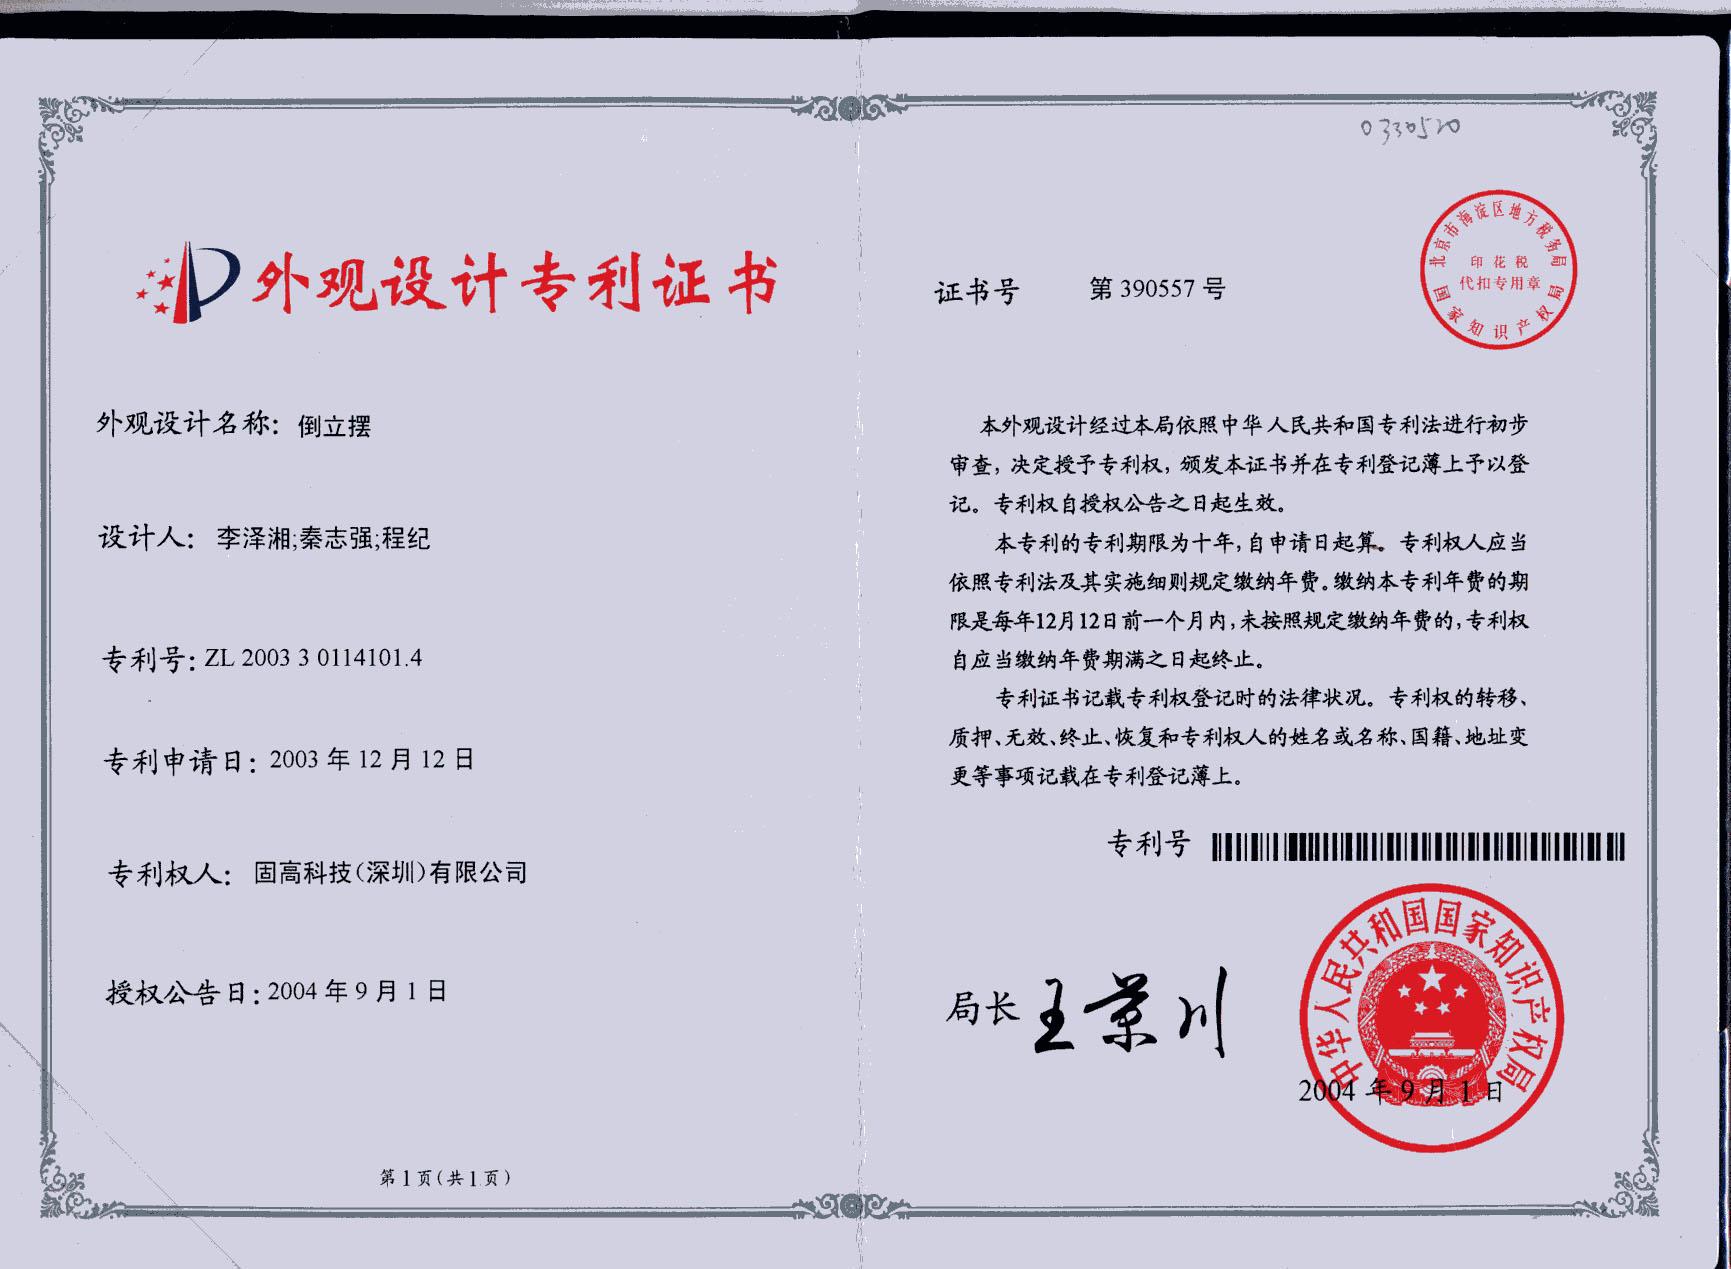 倒立摆外观专利证书